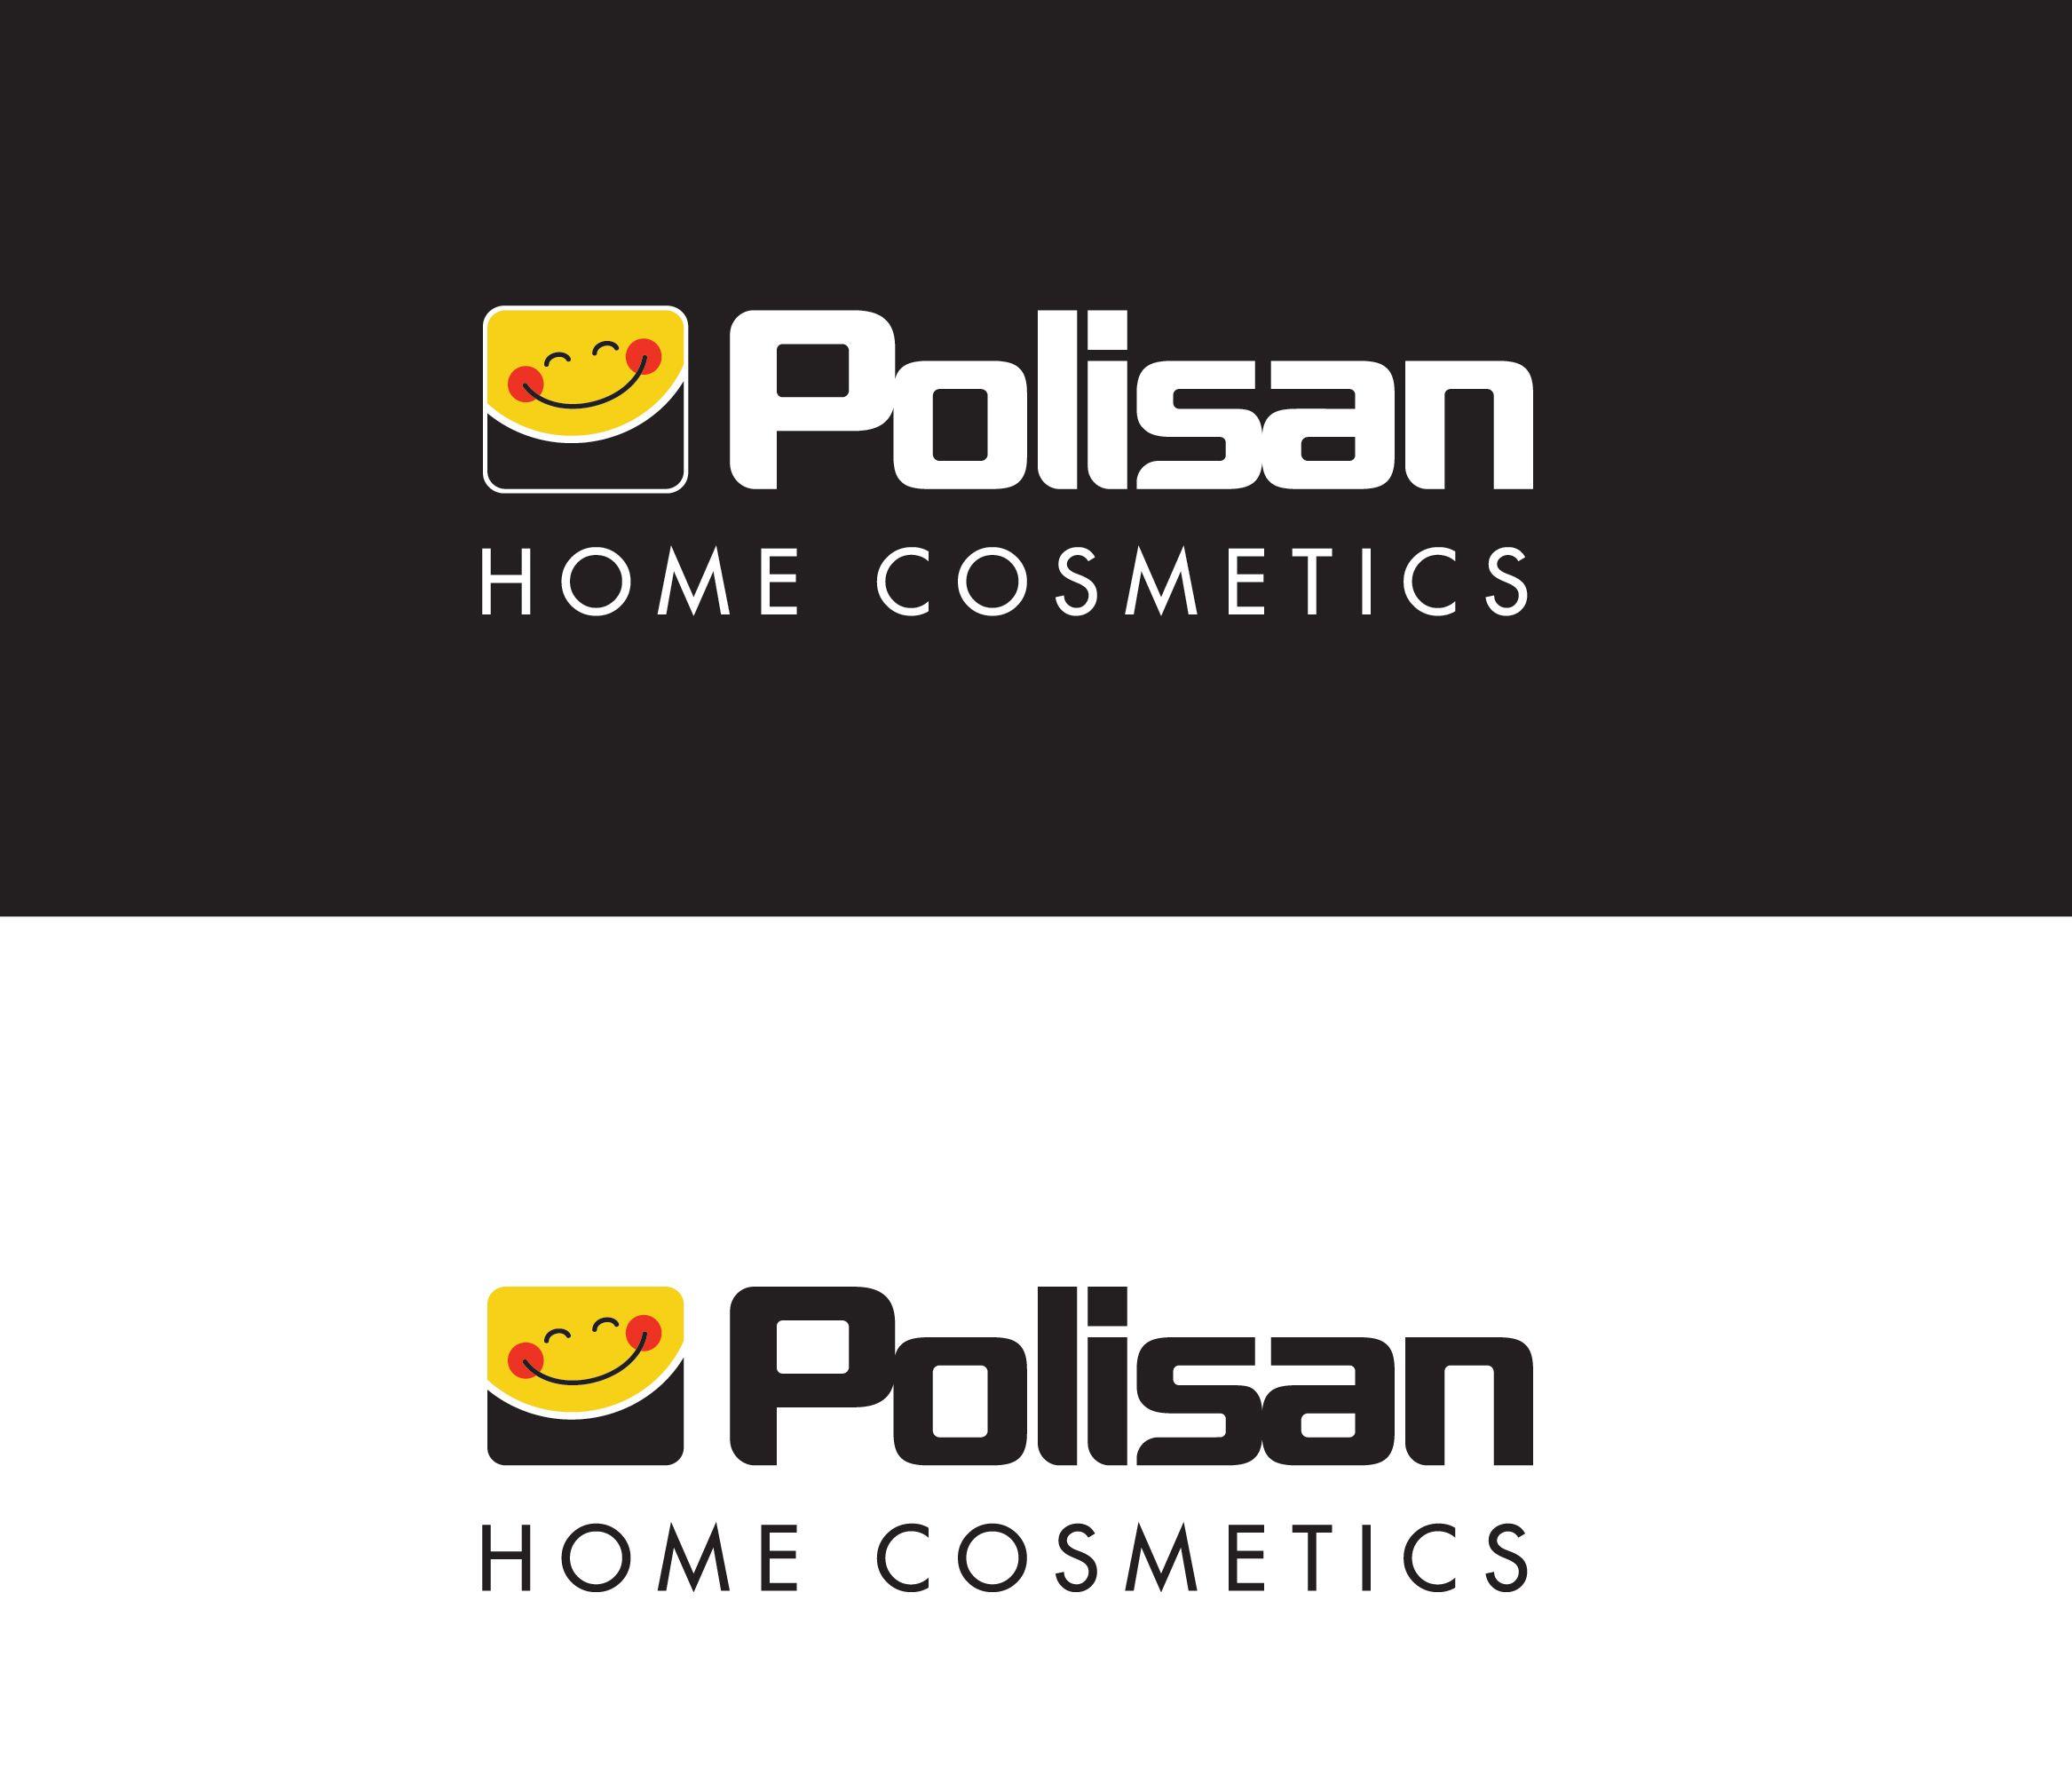 Tüketiciler Polisan'ı Ödüllendirdi!